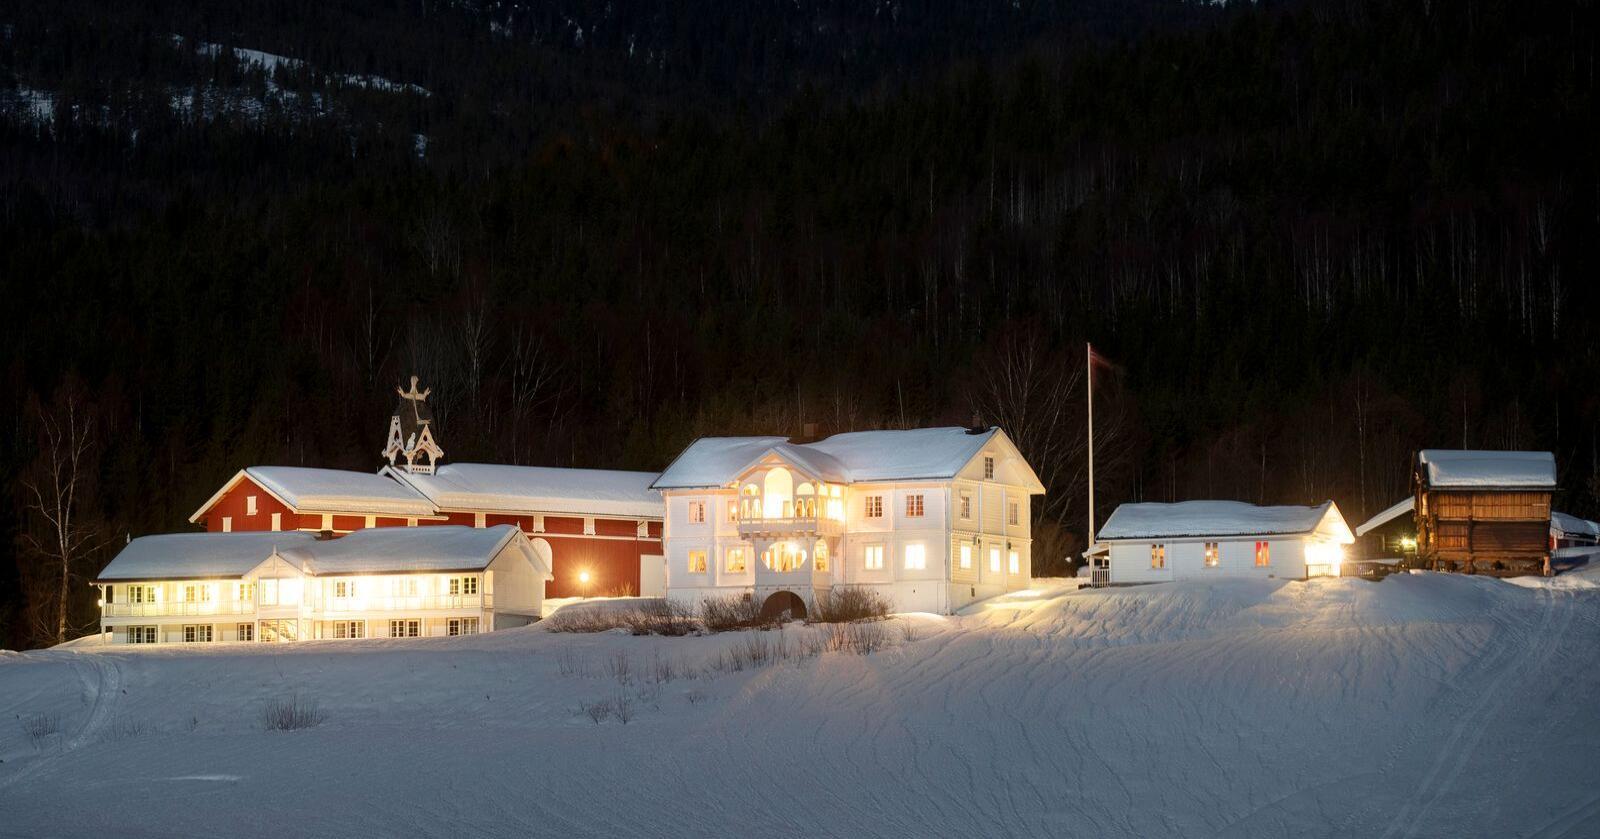 Ringnes Gård ligger ved Krøderfjorden og har vært i Ringnes-familiens eie i 700 år. Foto: Fredrik Solstad